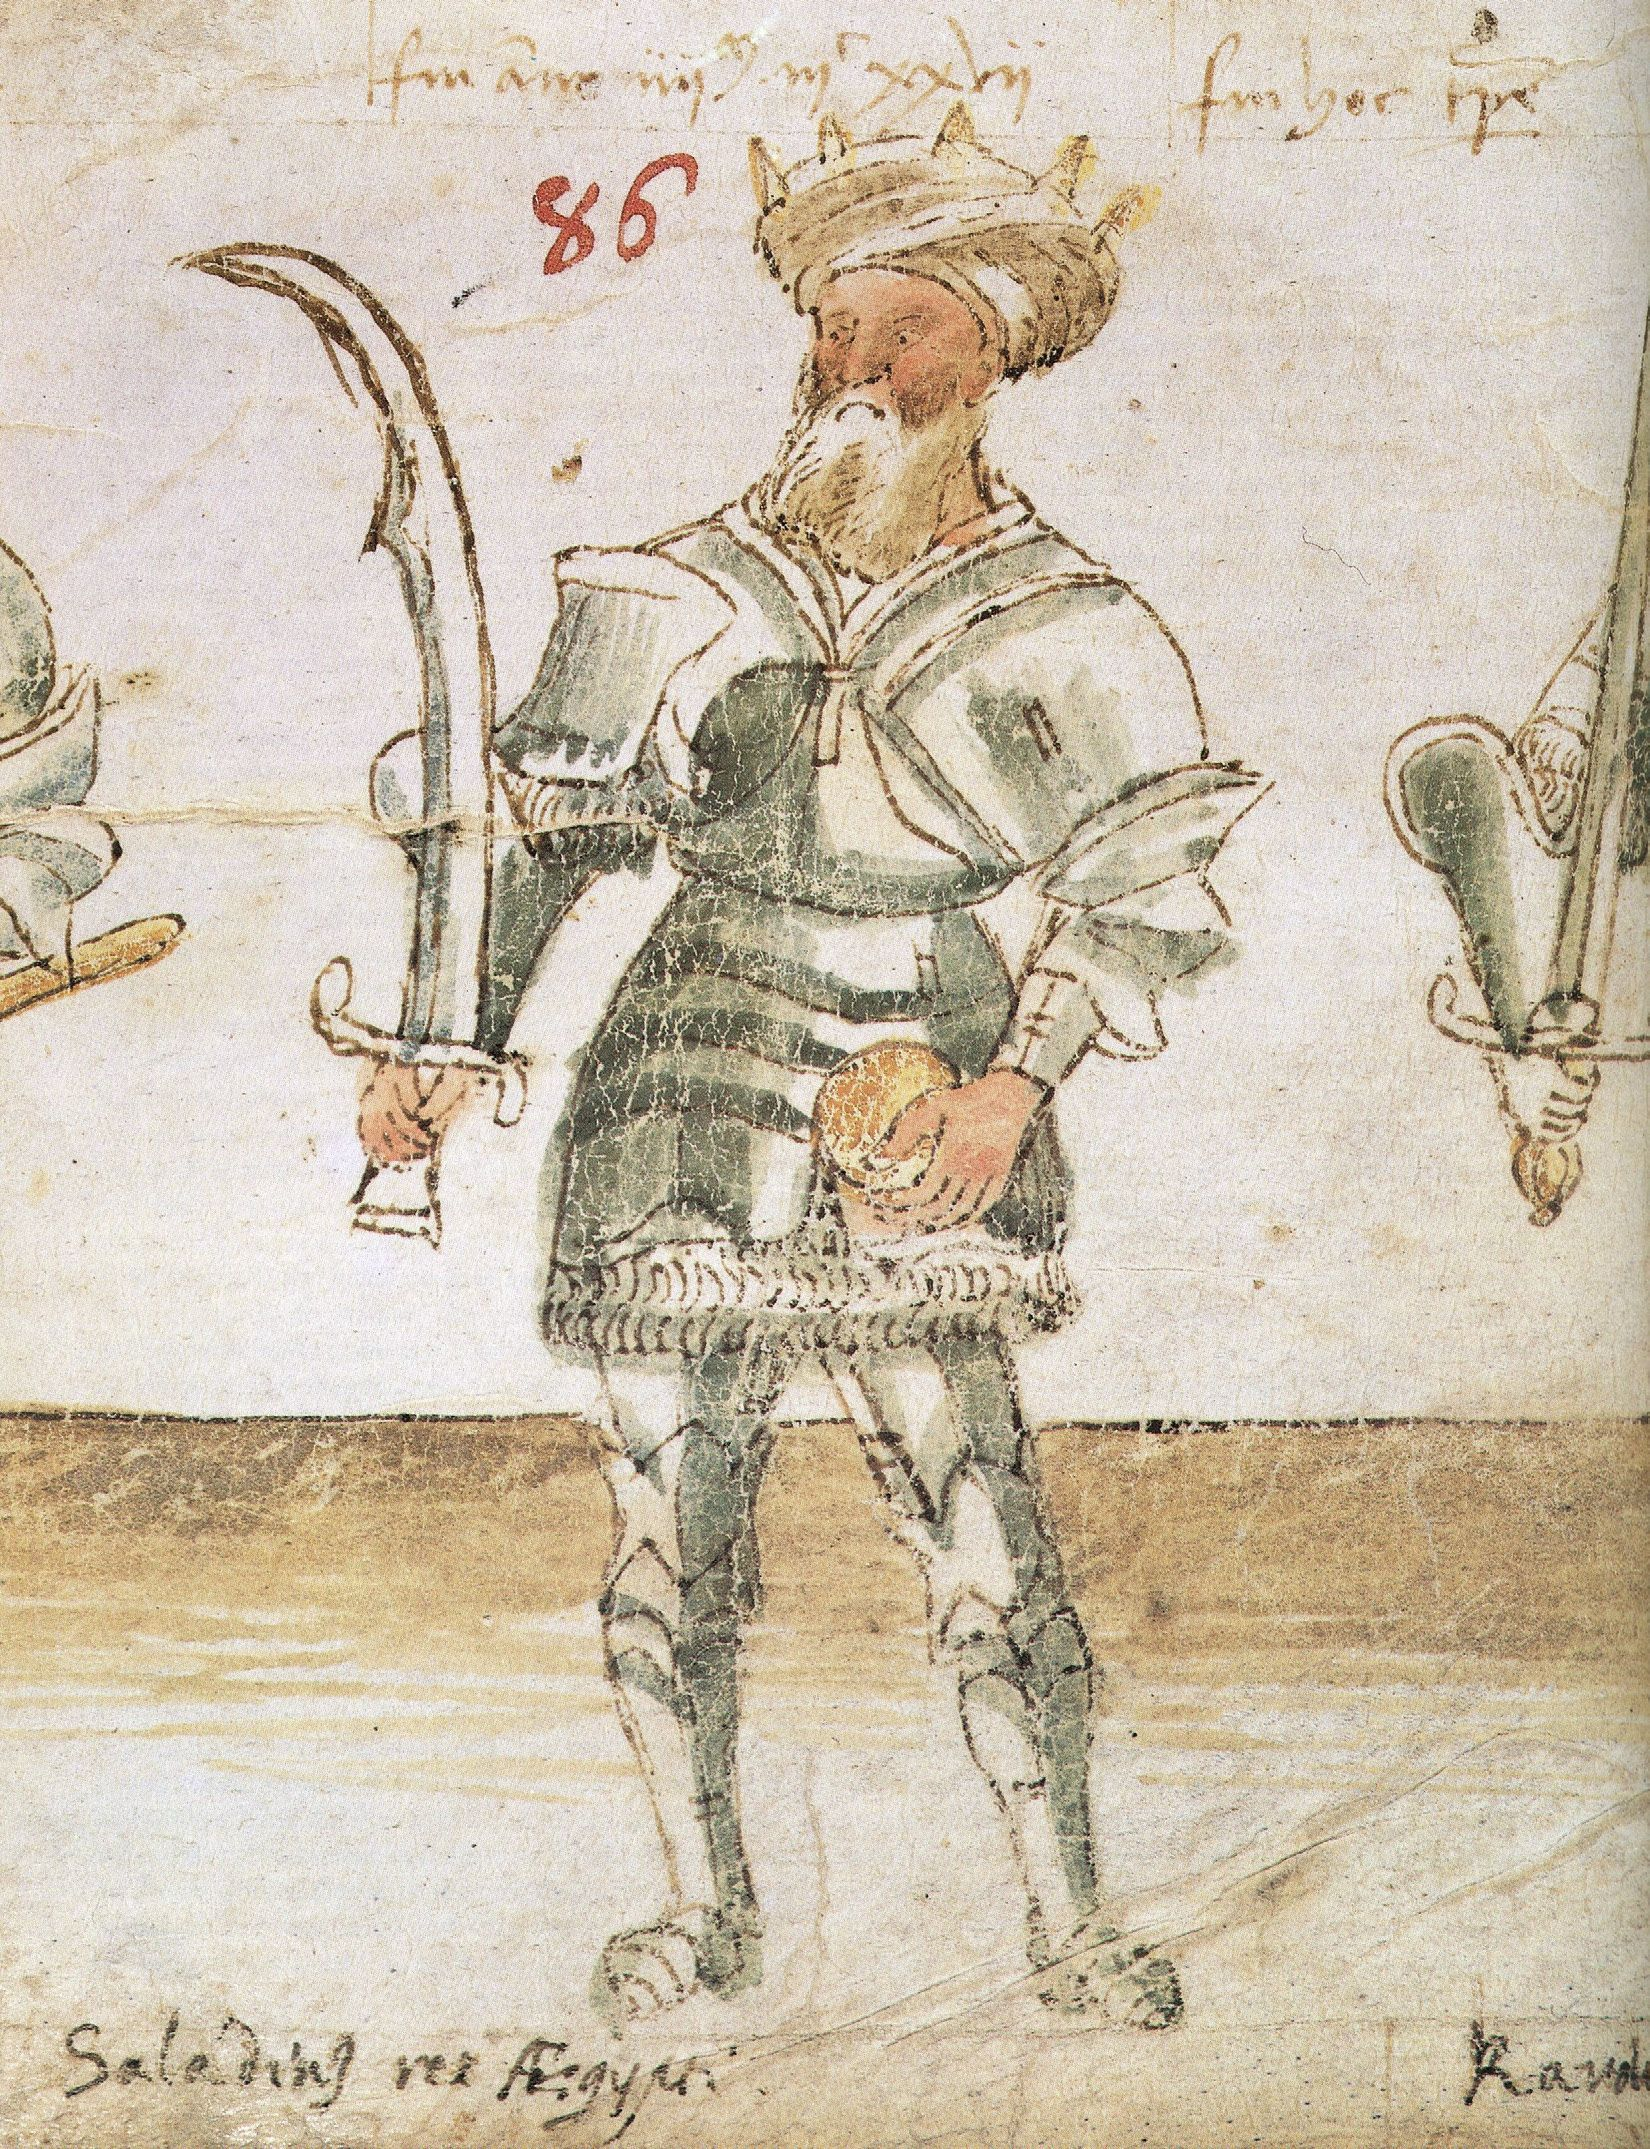 Saladyn wykazywał się nadzwyczajnymi talentami wojskowymi.